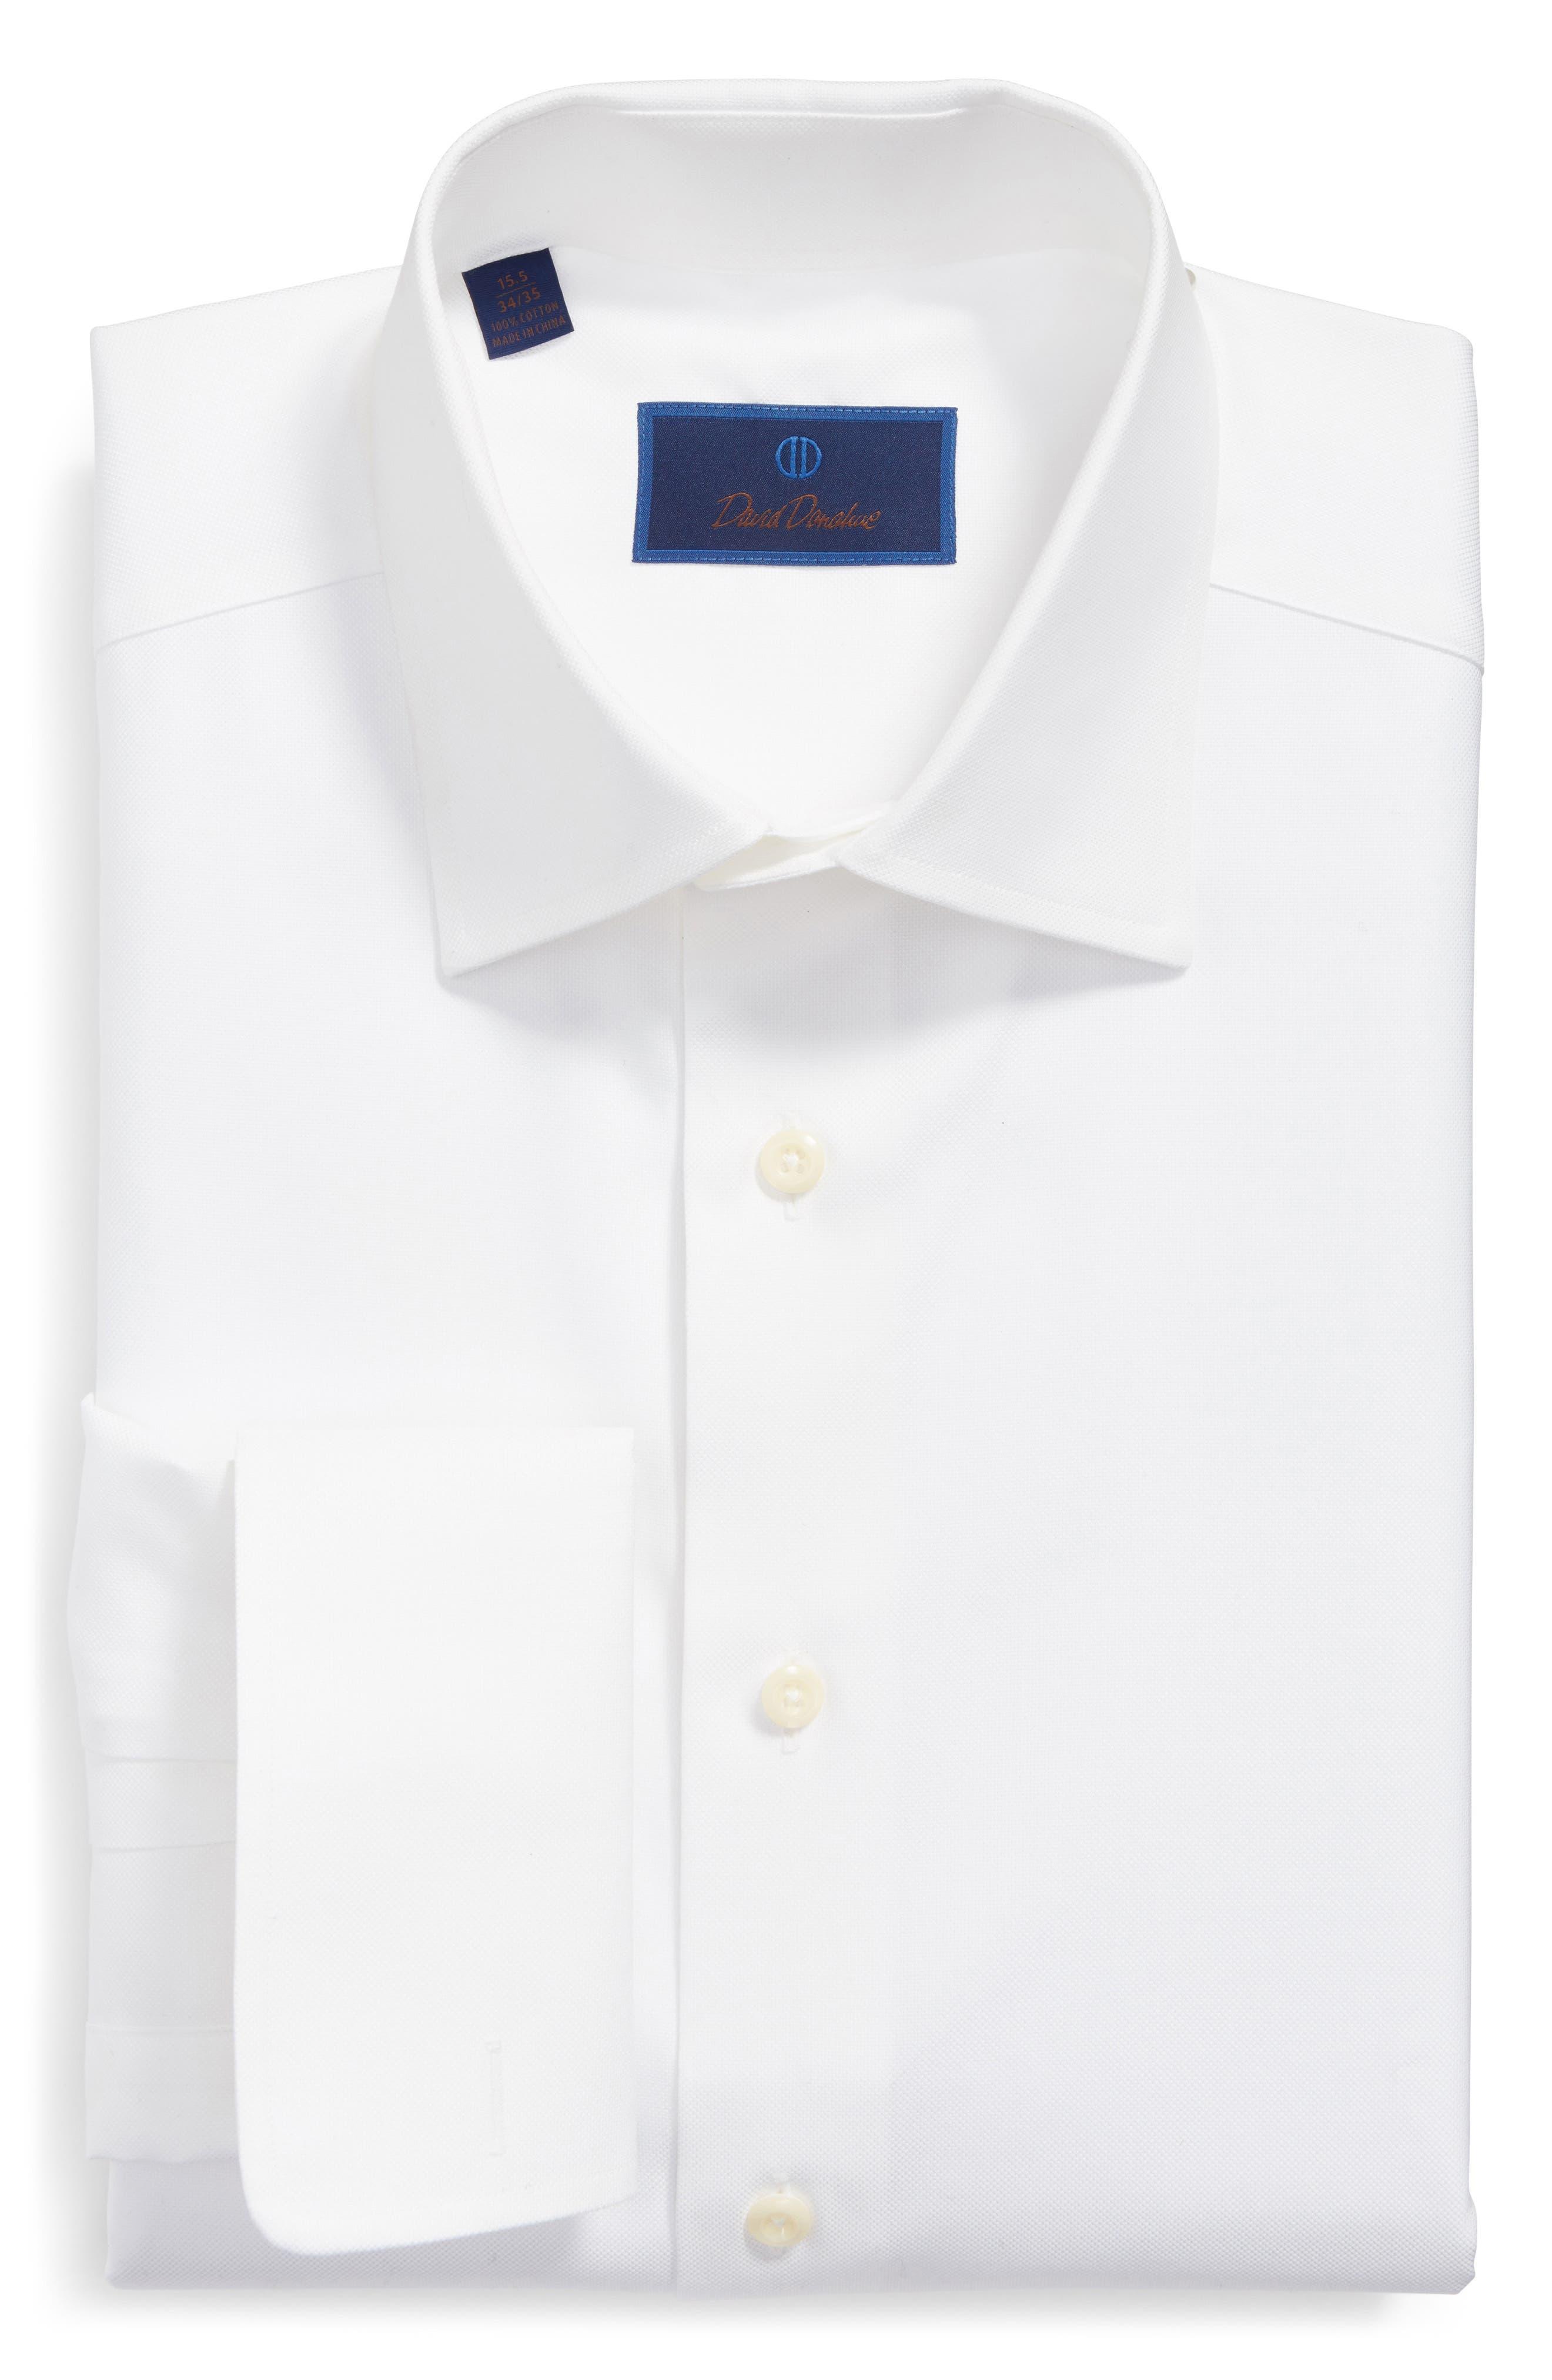 Regular Fit Texture French Cuff Cotton Dress Shirt